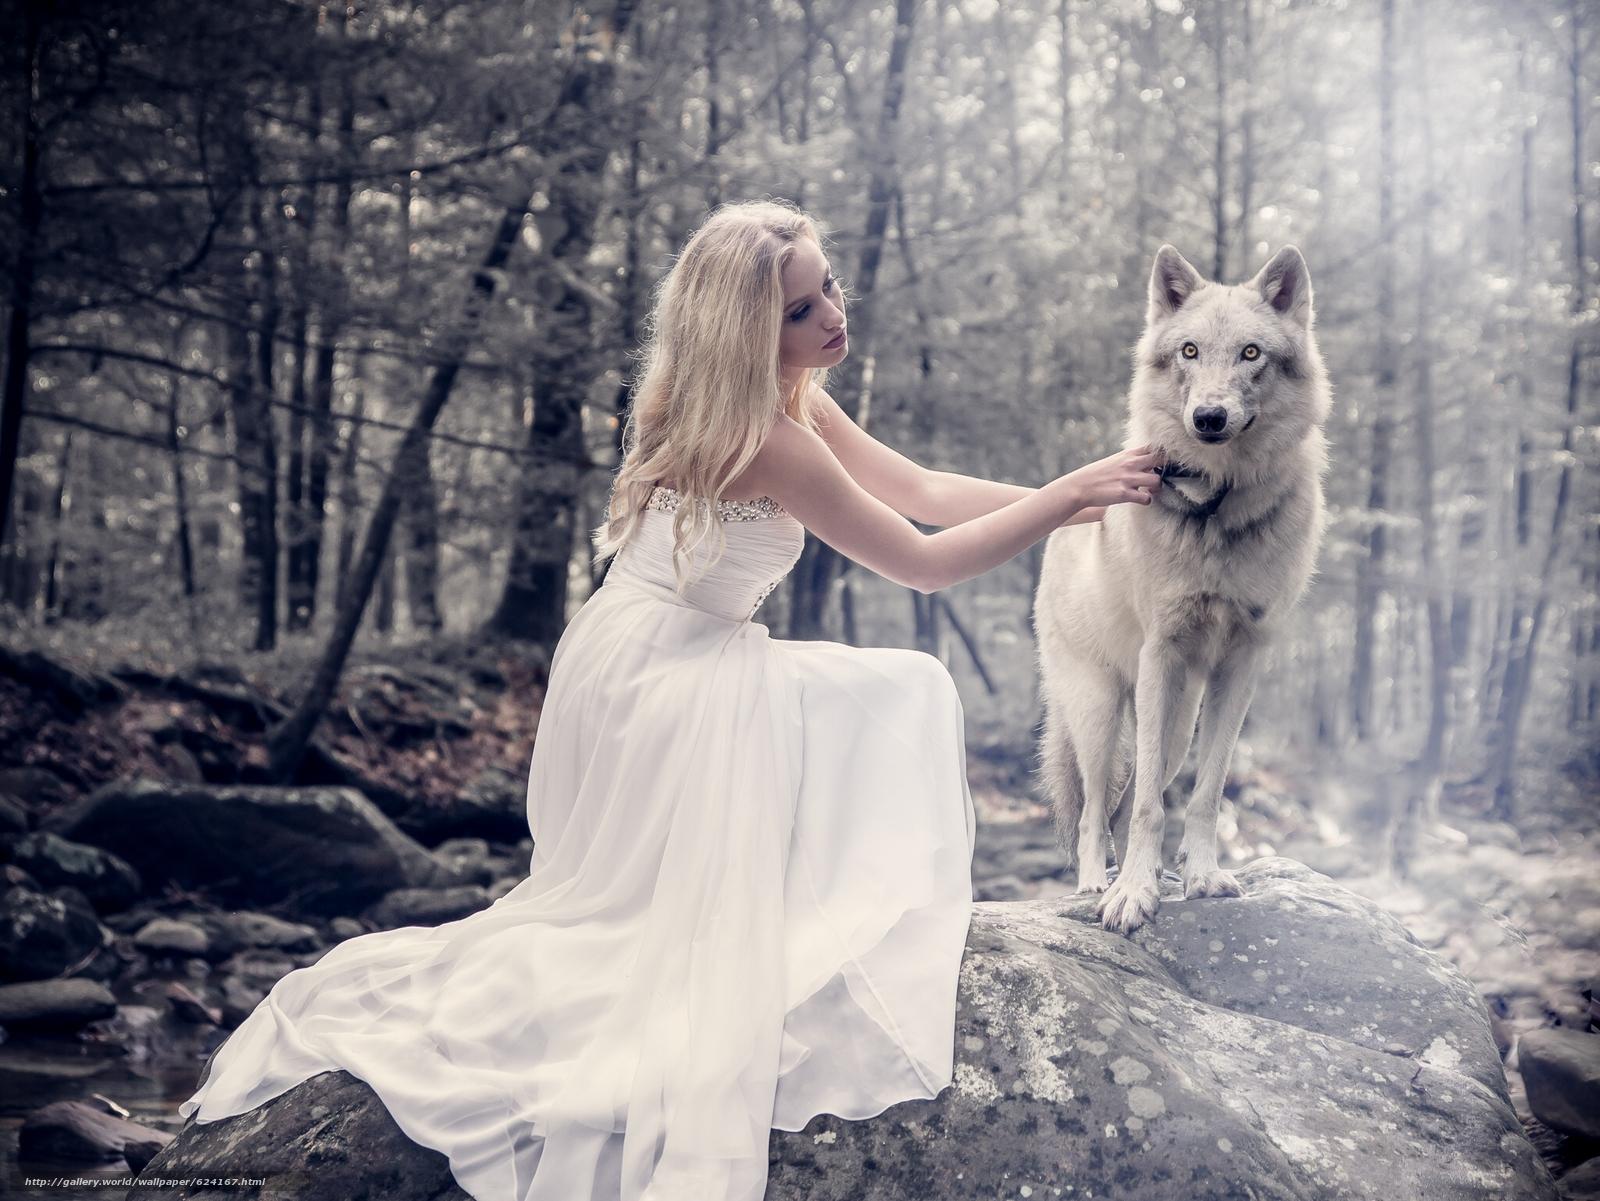 Скачать обои девушка,  платье,  волк,  лес бесплатно для рабочего стола в разрешении 2048x1537 — картинка №624167